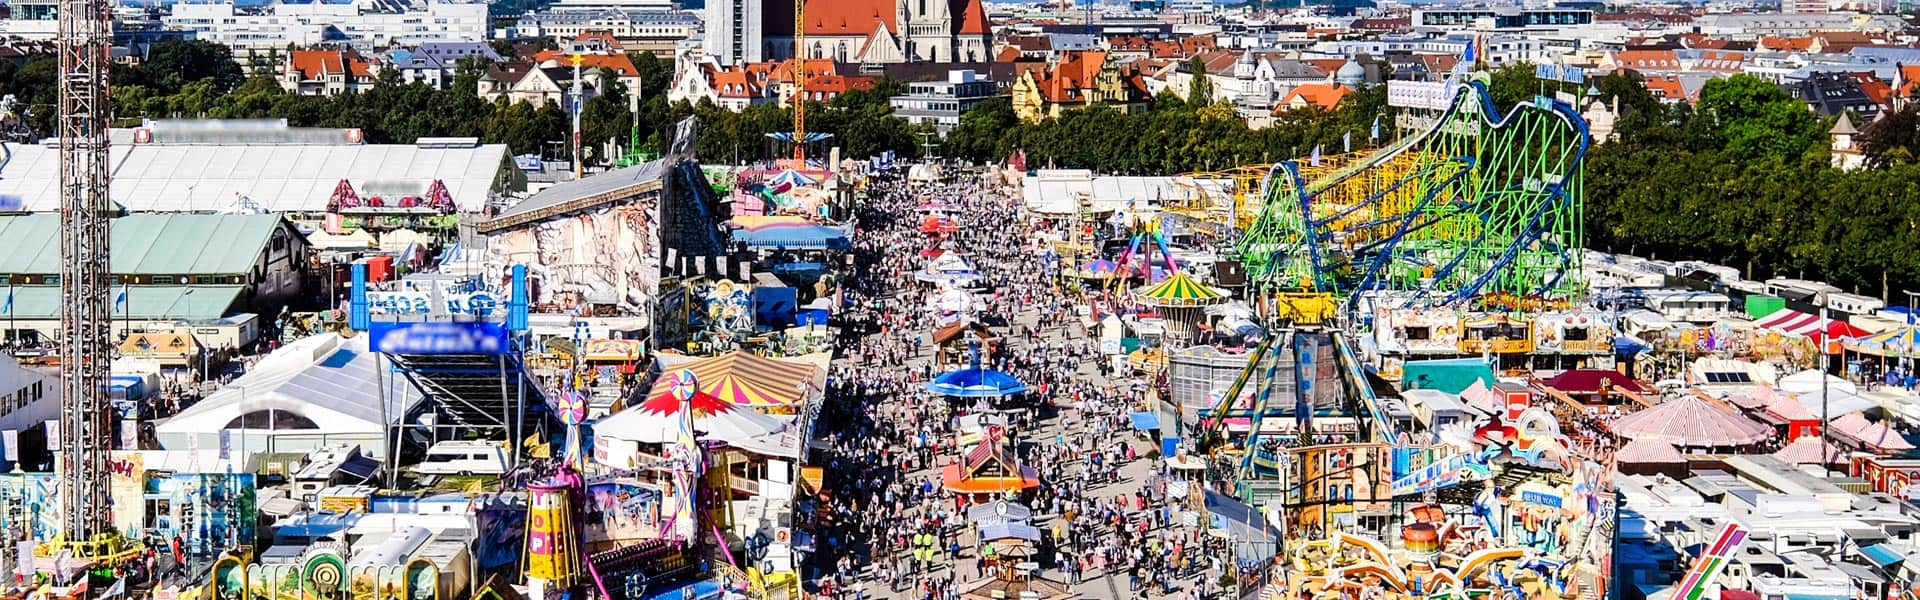 Bummeln, schlendern, feiern: das Oktoberfest München ist immer ein Hit!